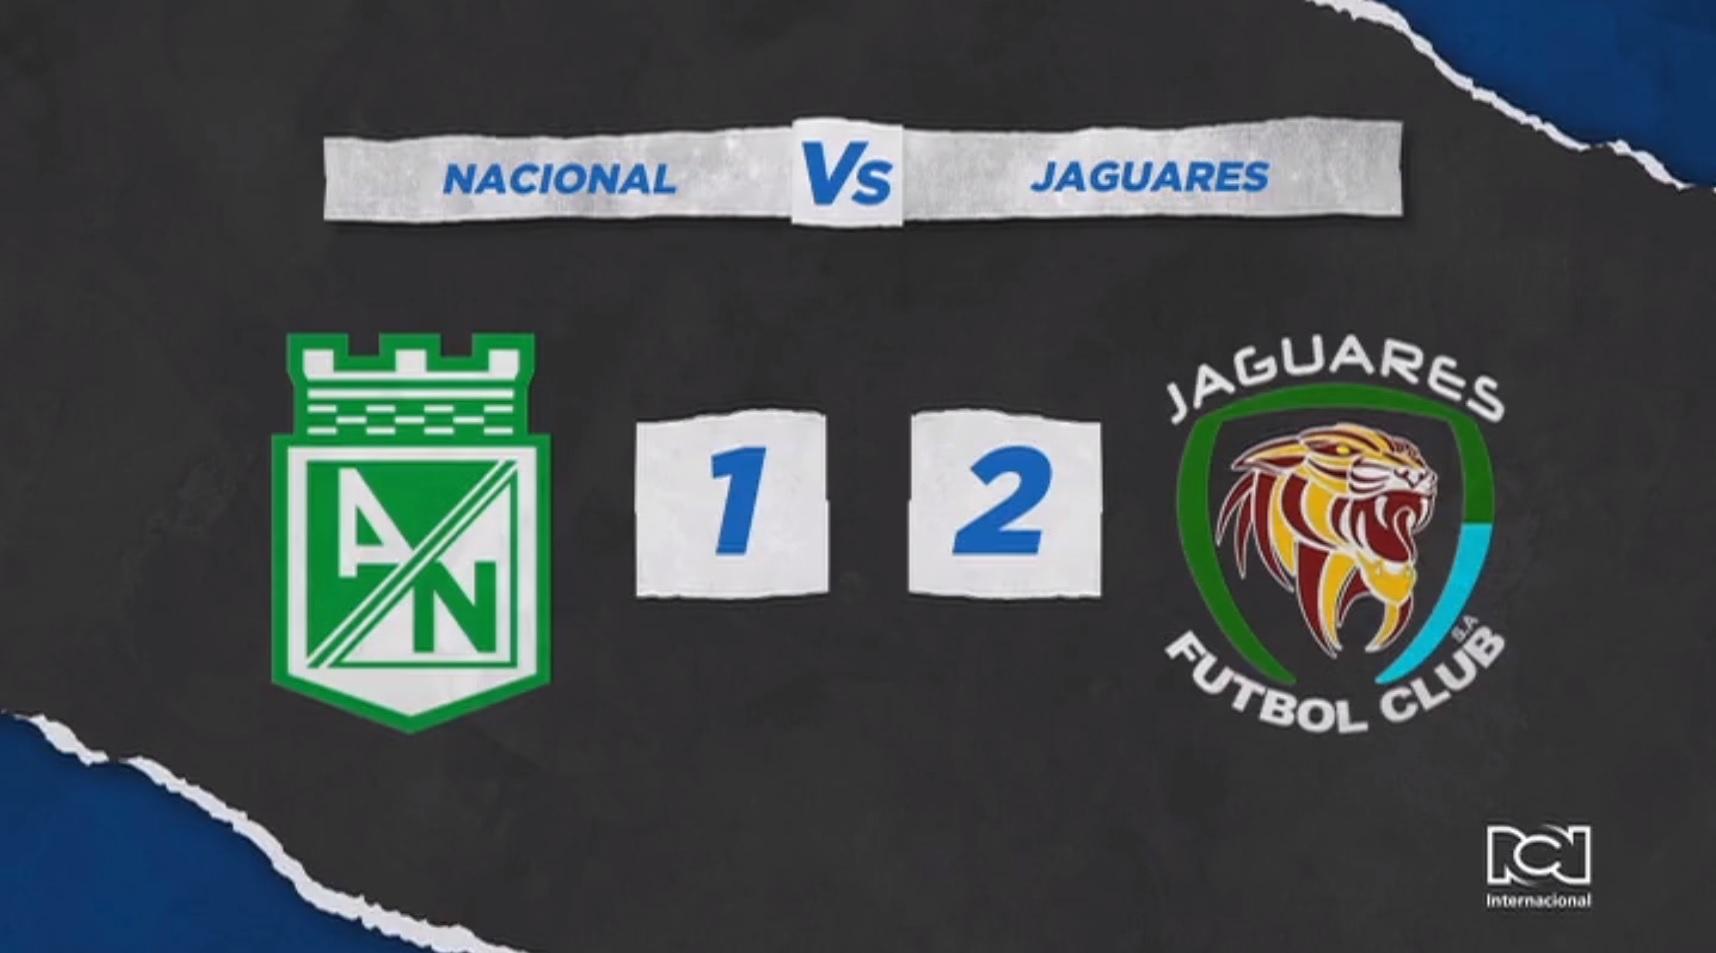 Jaguares dio la primera sorpresa del campeonato al derrotar a Nacional en el Atanasio